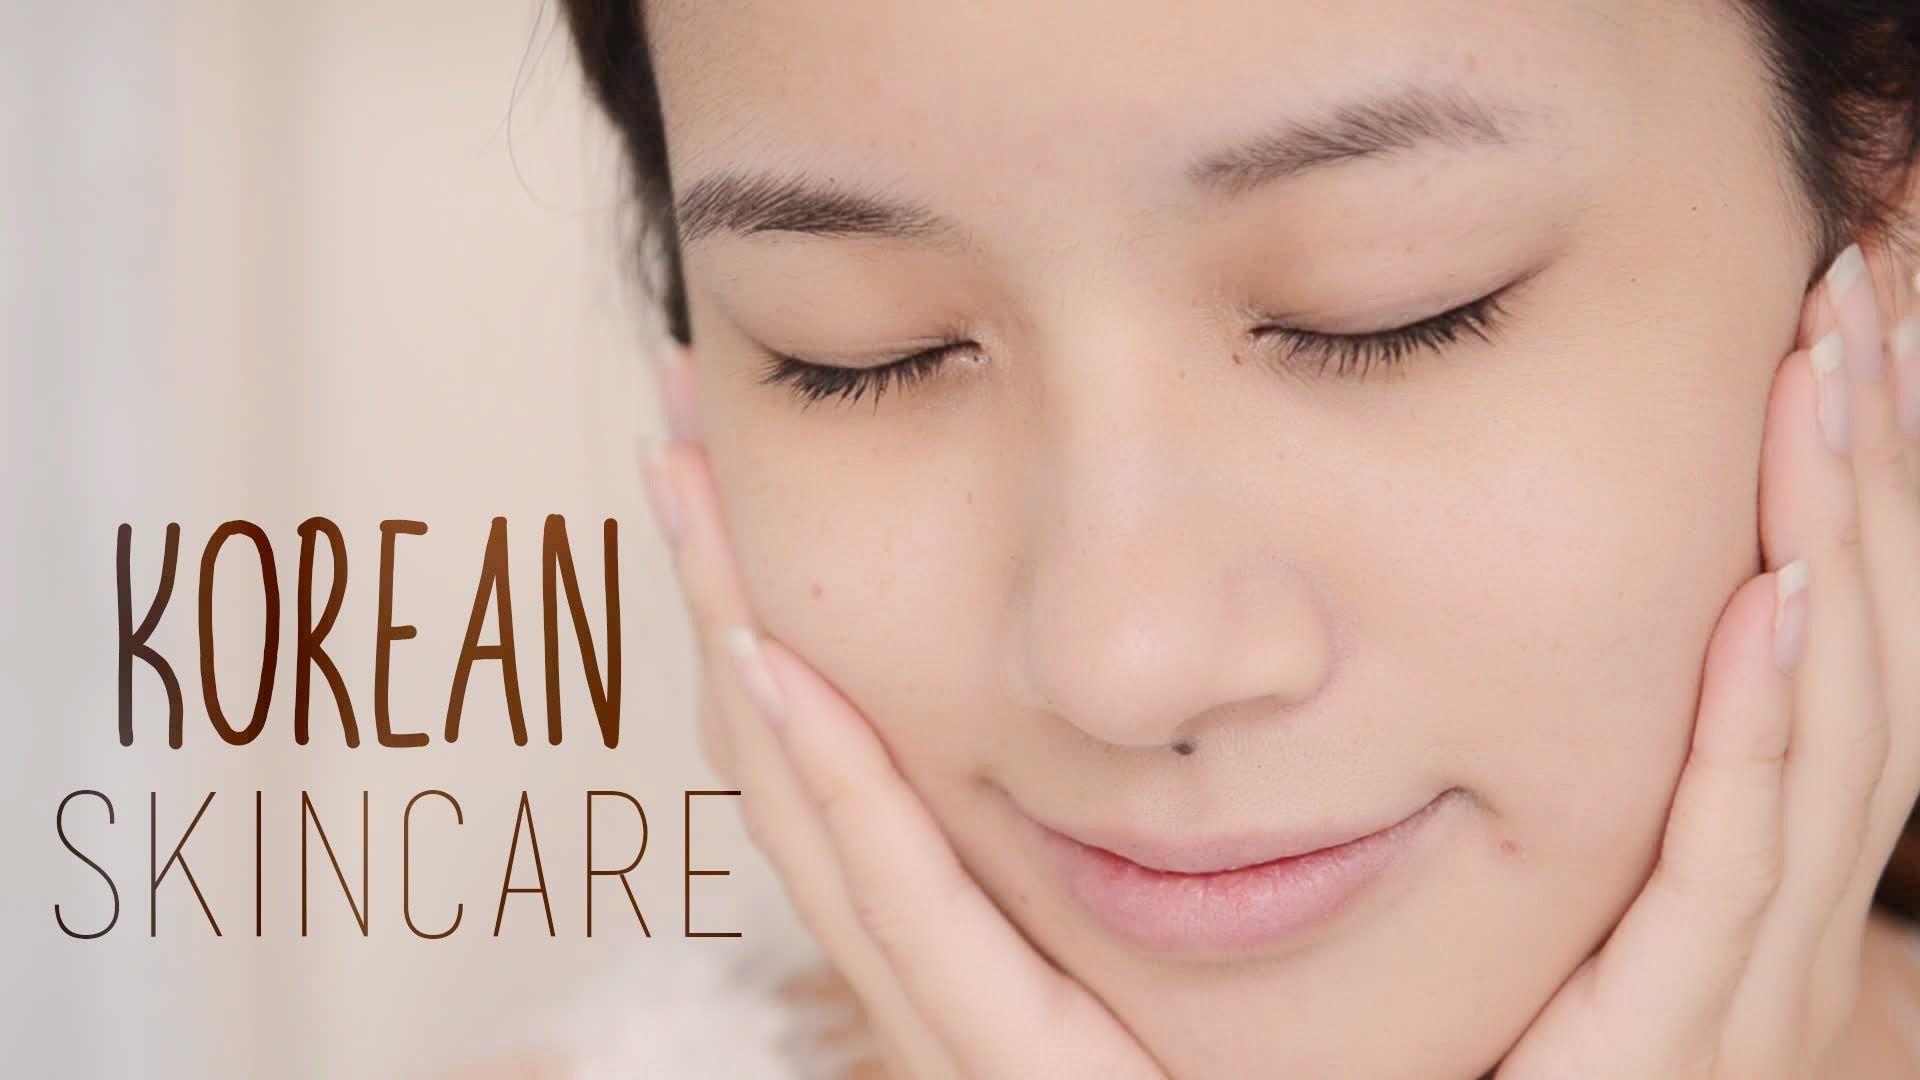 Korean Skincare Routine - YouTube